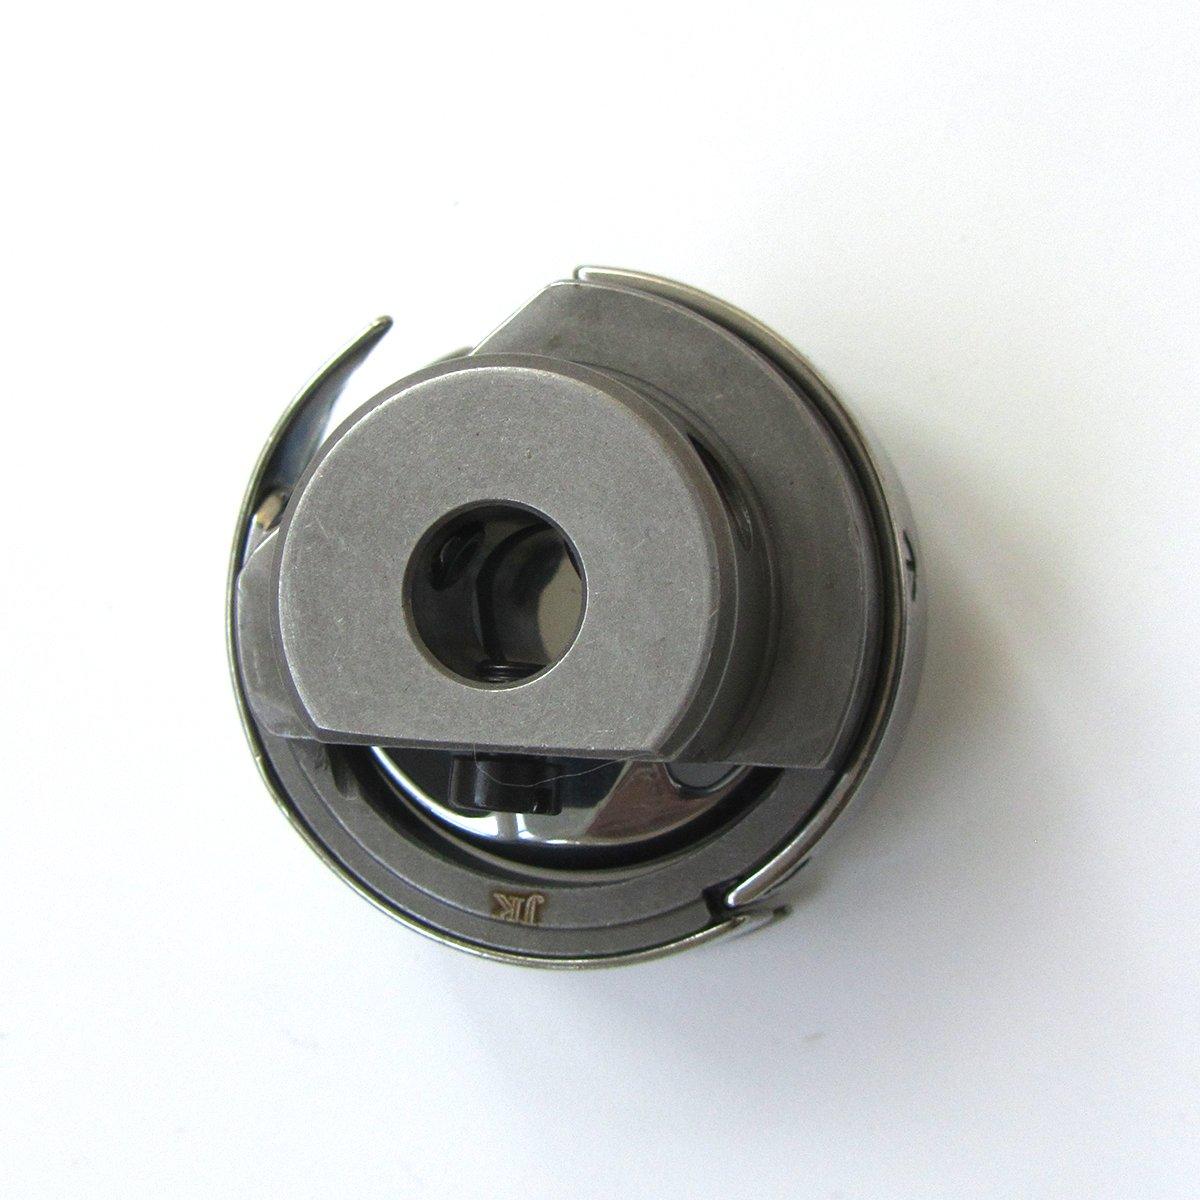 KUNPENG -1piezas # KHS12-RYP Gancho rotativo L-Sized en forma de ajuste para Barudan Tajima Melco Embroidery Machines: Amazon.es: Hogar